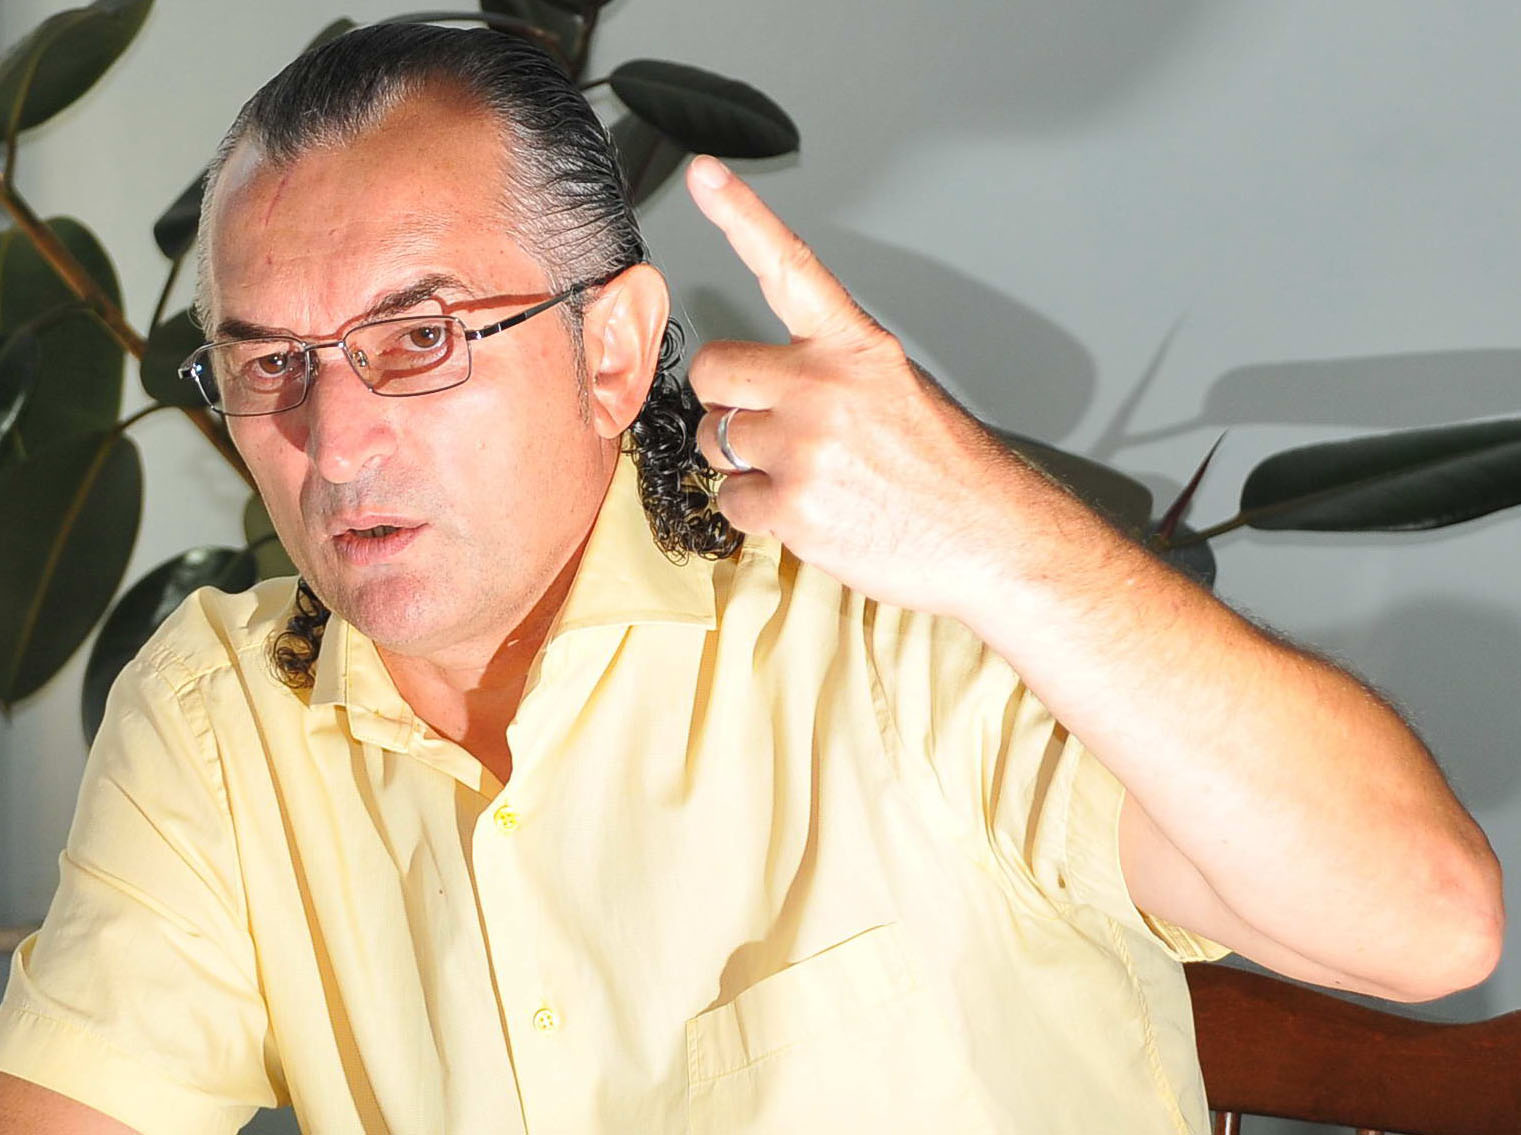 """Miron Cozma, mesaj amenințător pentru Cîțu: """"Dacă vrei o mineriadă, pot să o fac oricând! Nu ai cum să mă oprești!"""""""